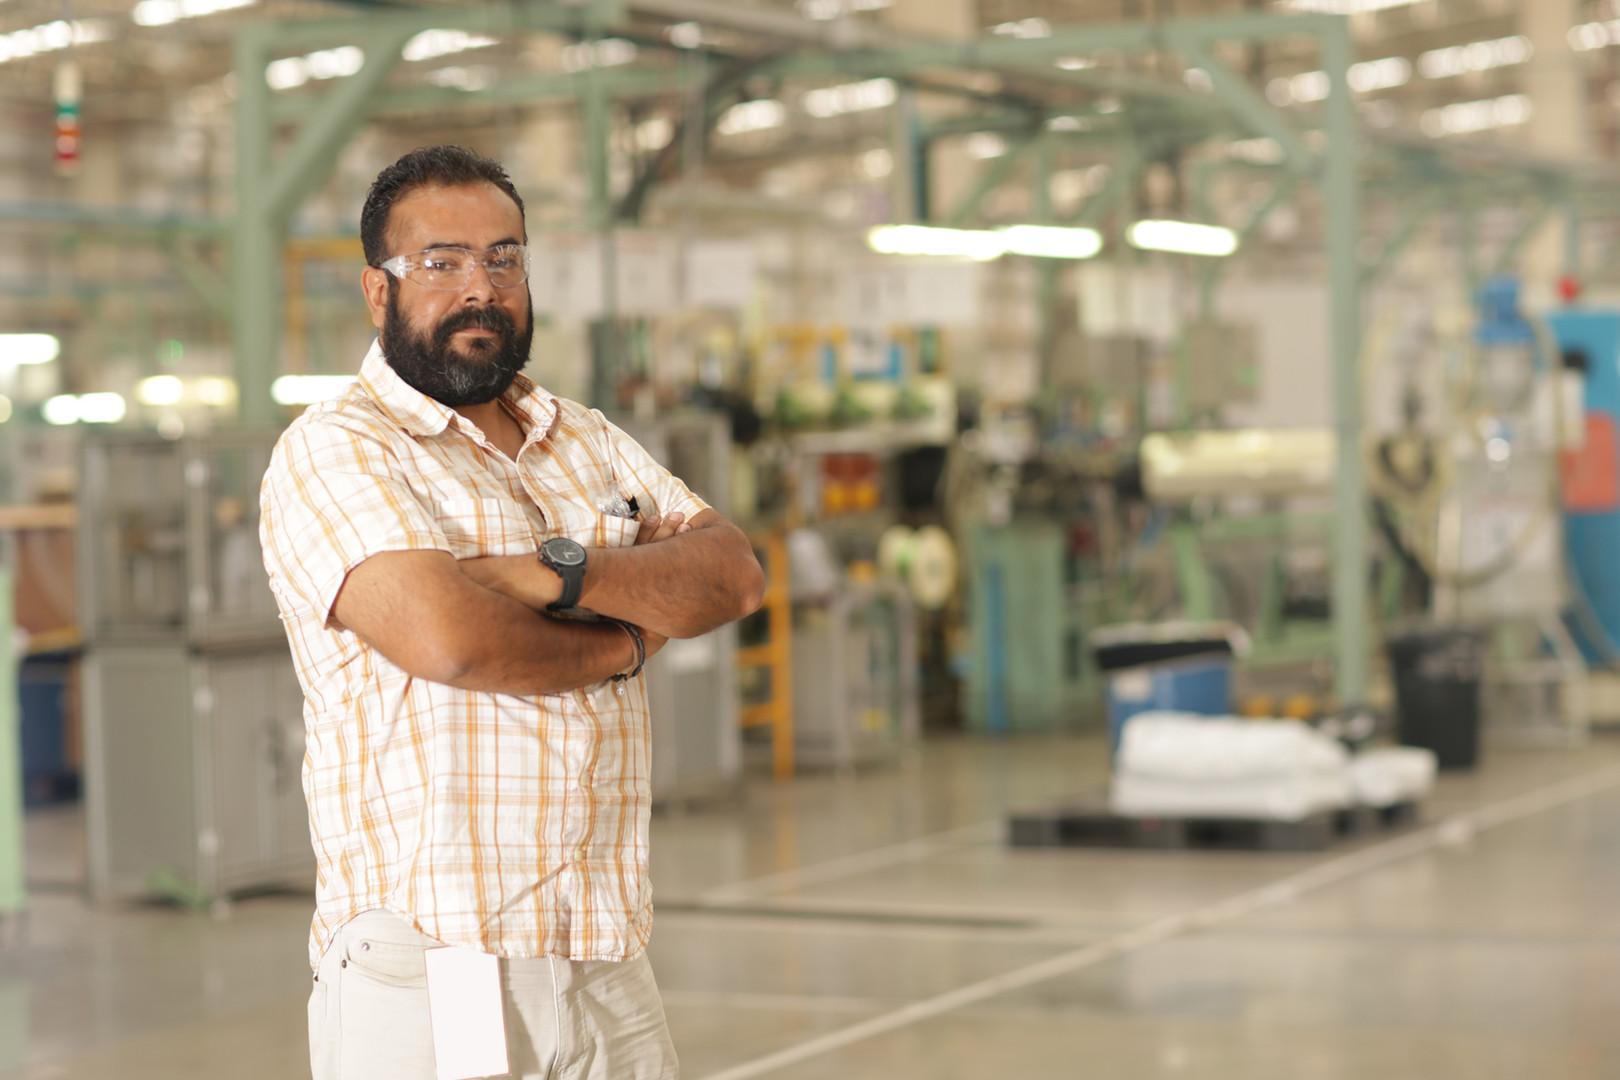 Trabajador de fábrica